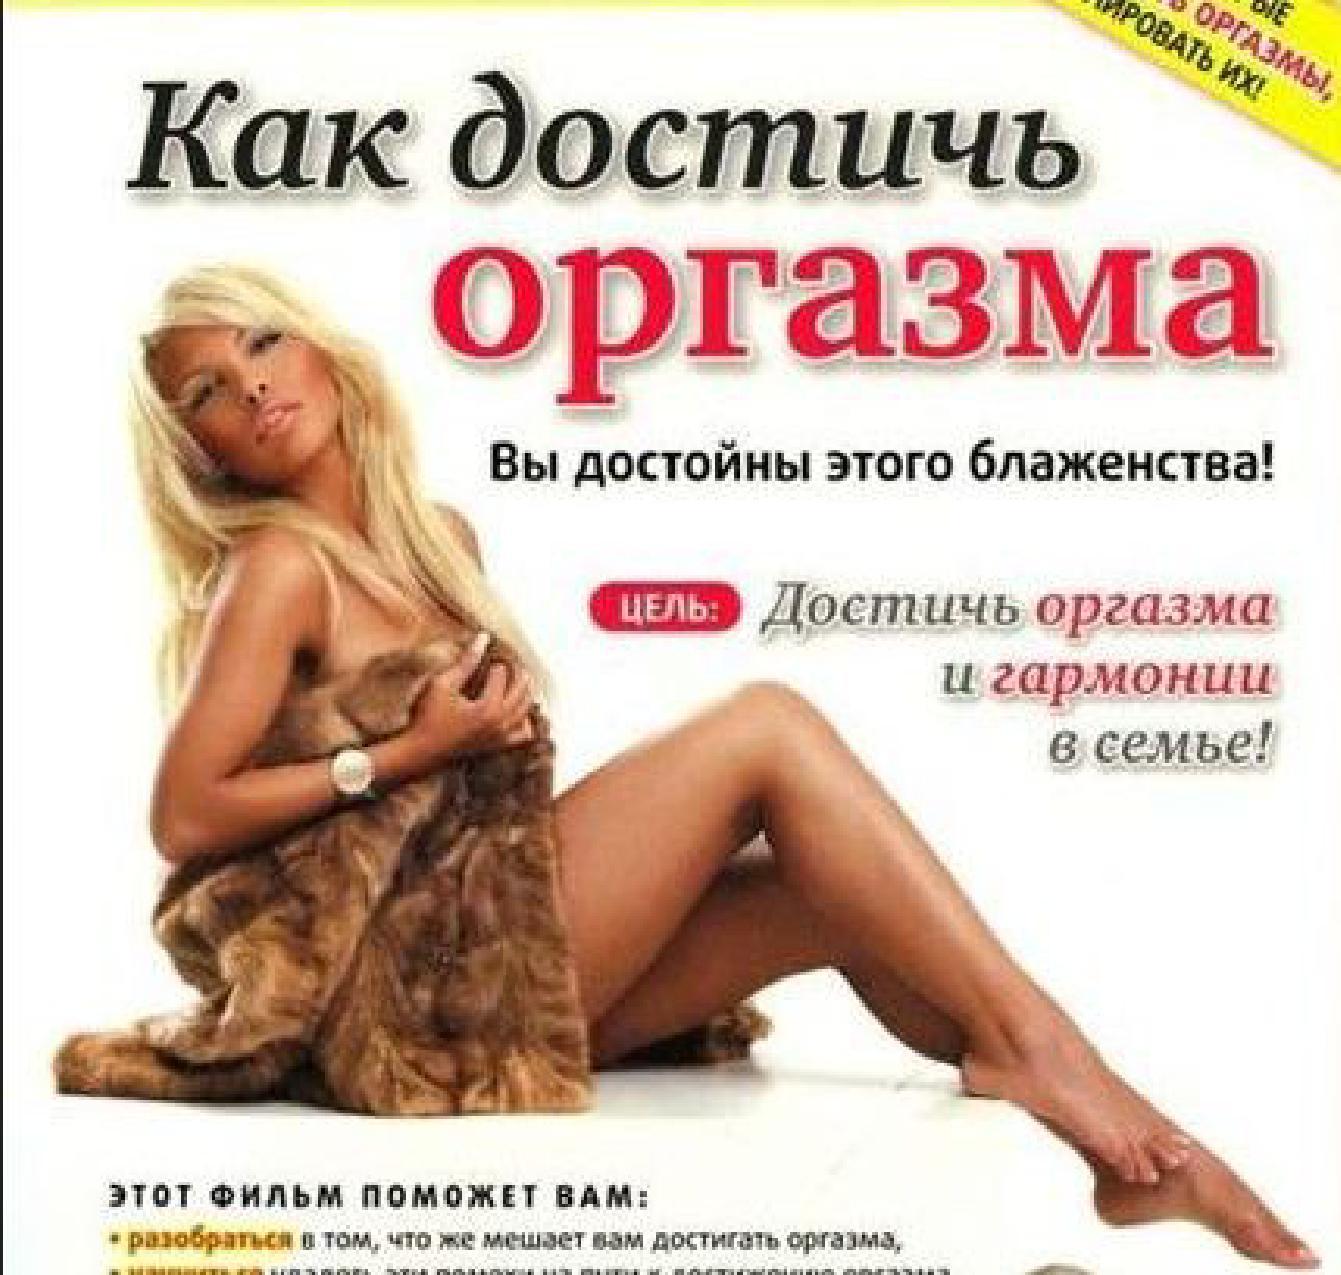 Описание женского оргазма 6 фотография